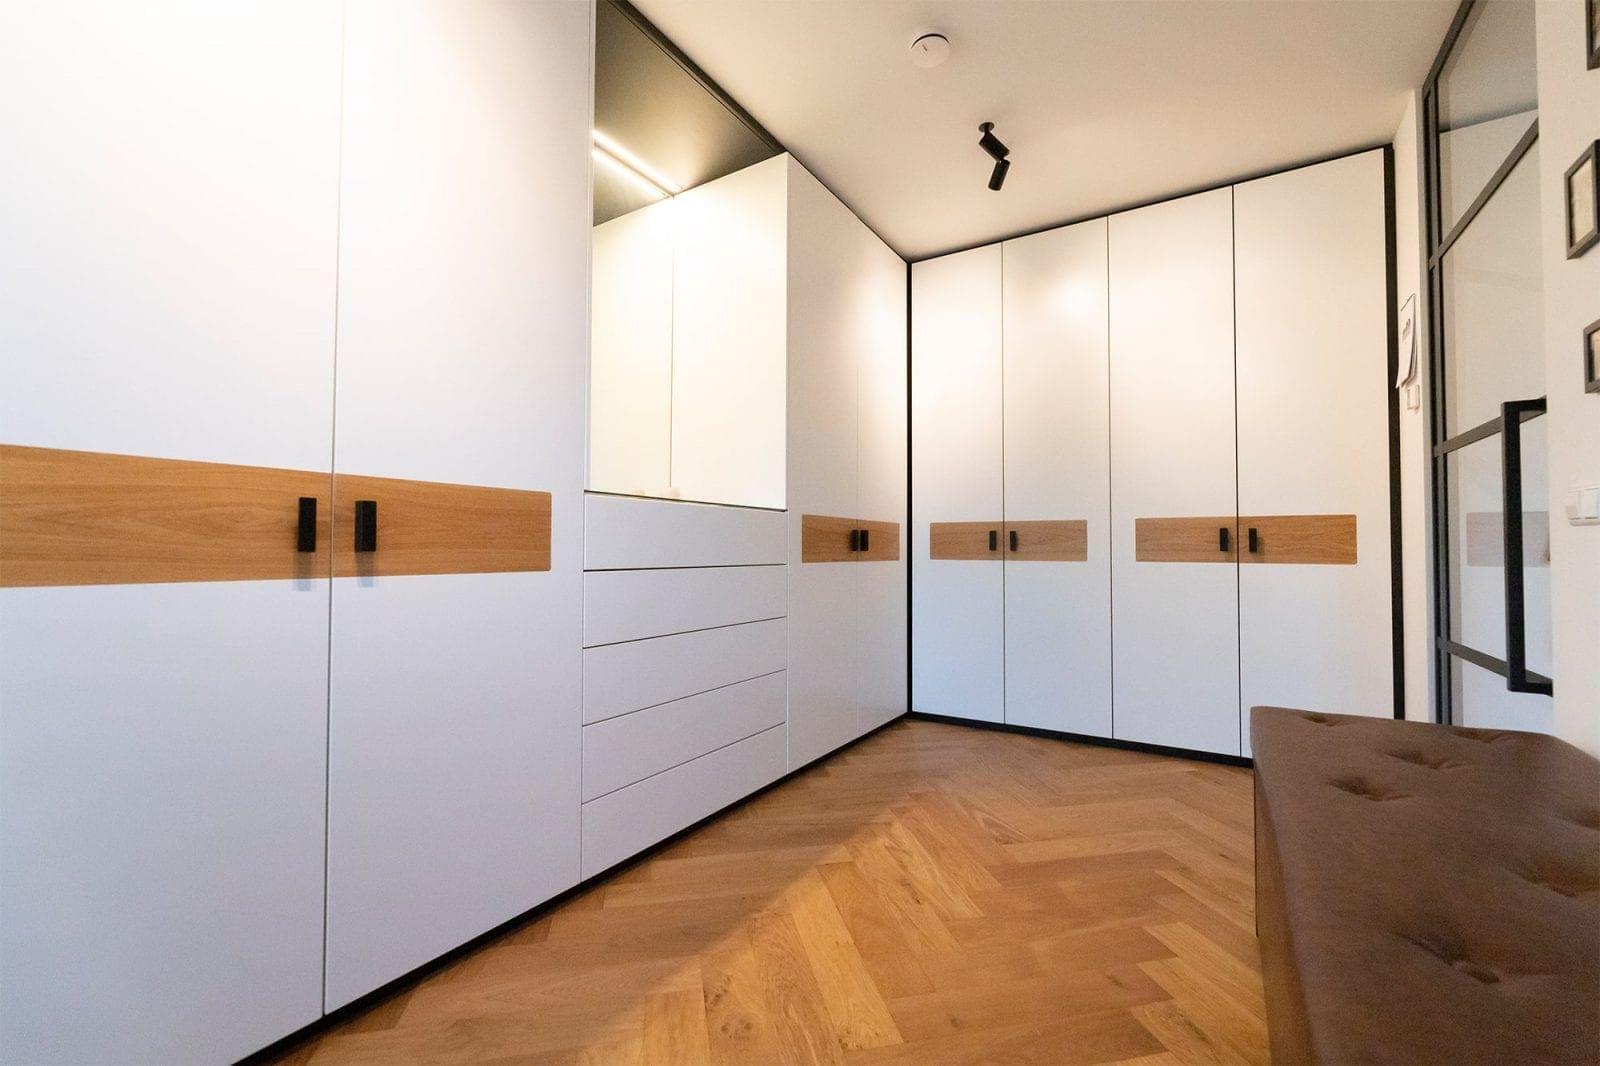 Interieurbouwer Rijswijk Hebben En Moderne Witte Keuken Gemaakt